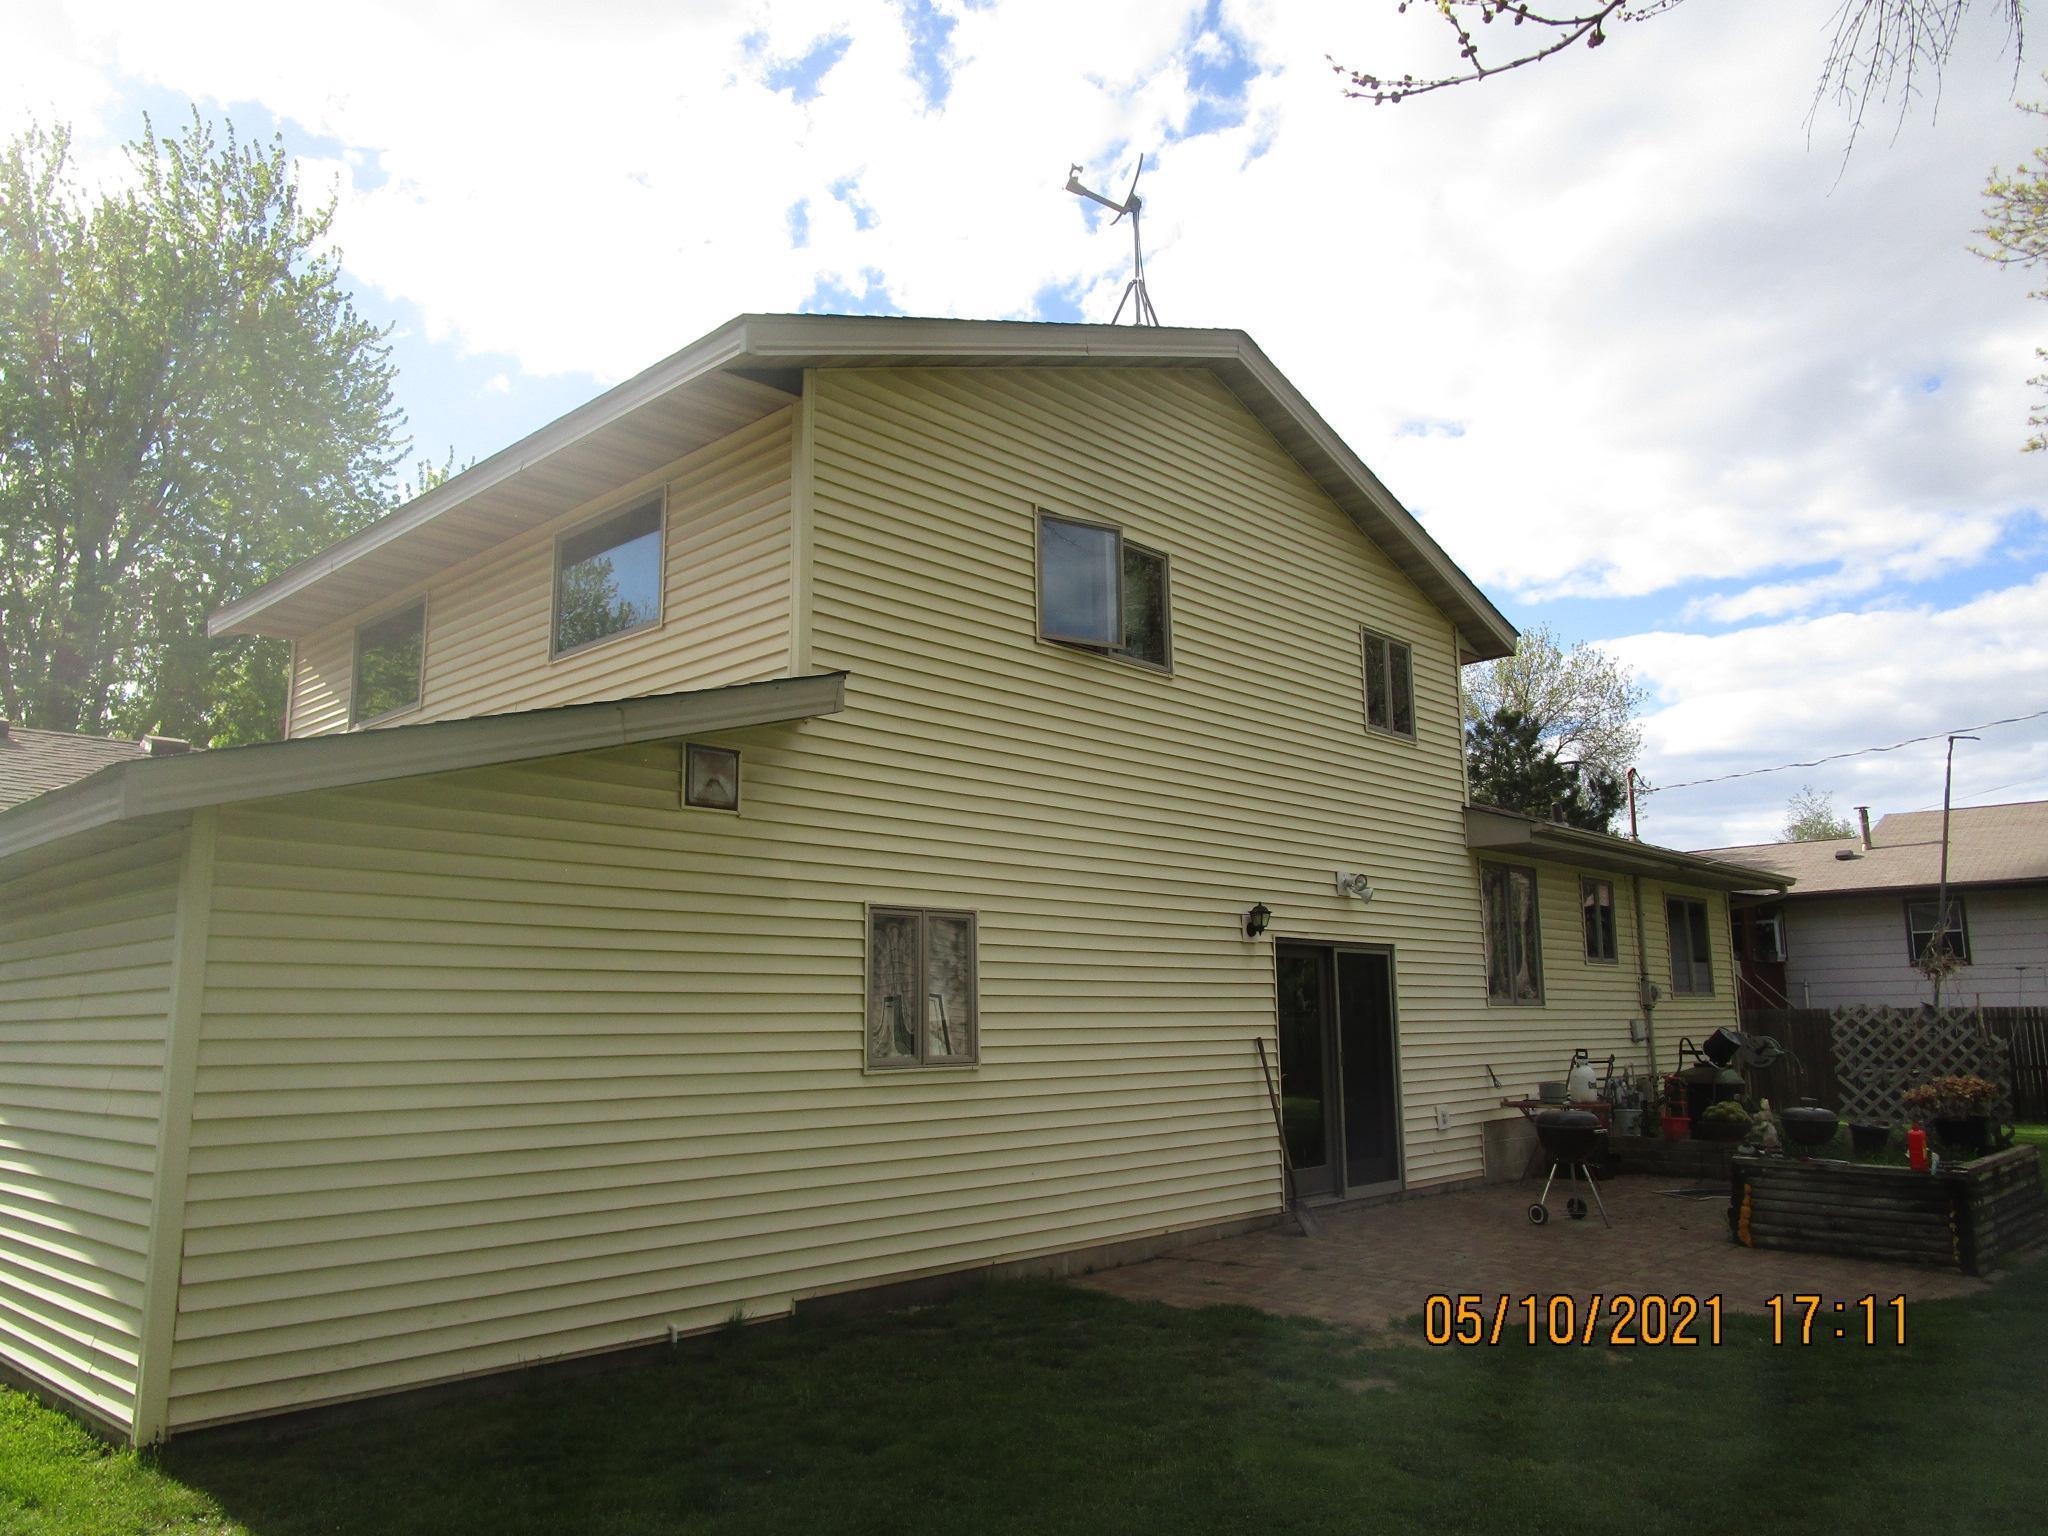 1195 Jackson Street S, Shakopee MN 55379 - Photo 2